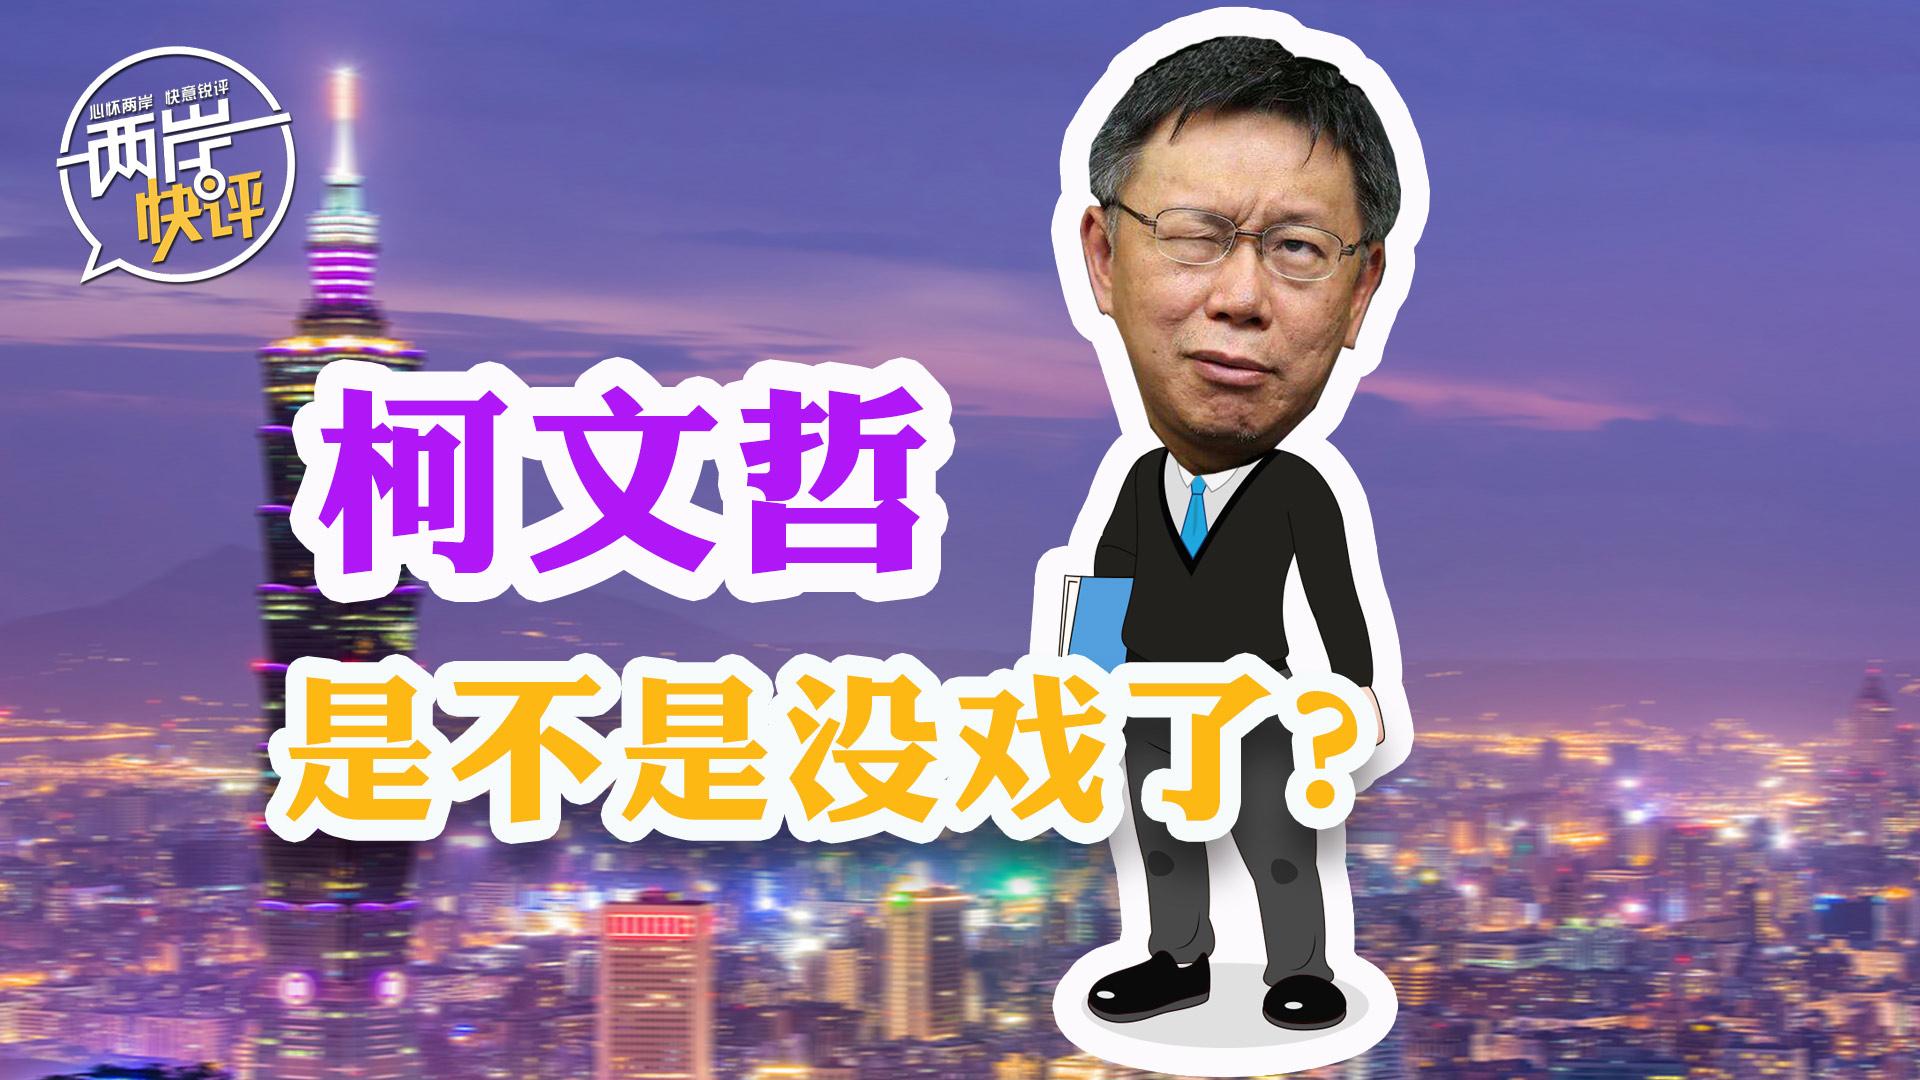 柯文哲的光环还能持续多久?民众党还能保住台北市长之位吗?1---web---.jpg